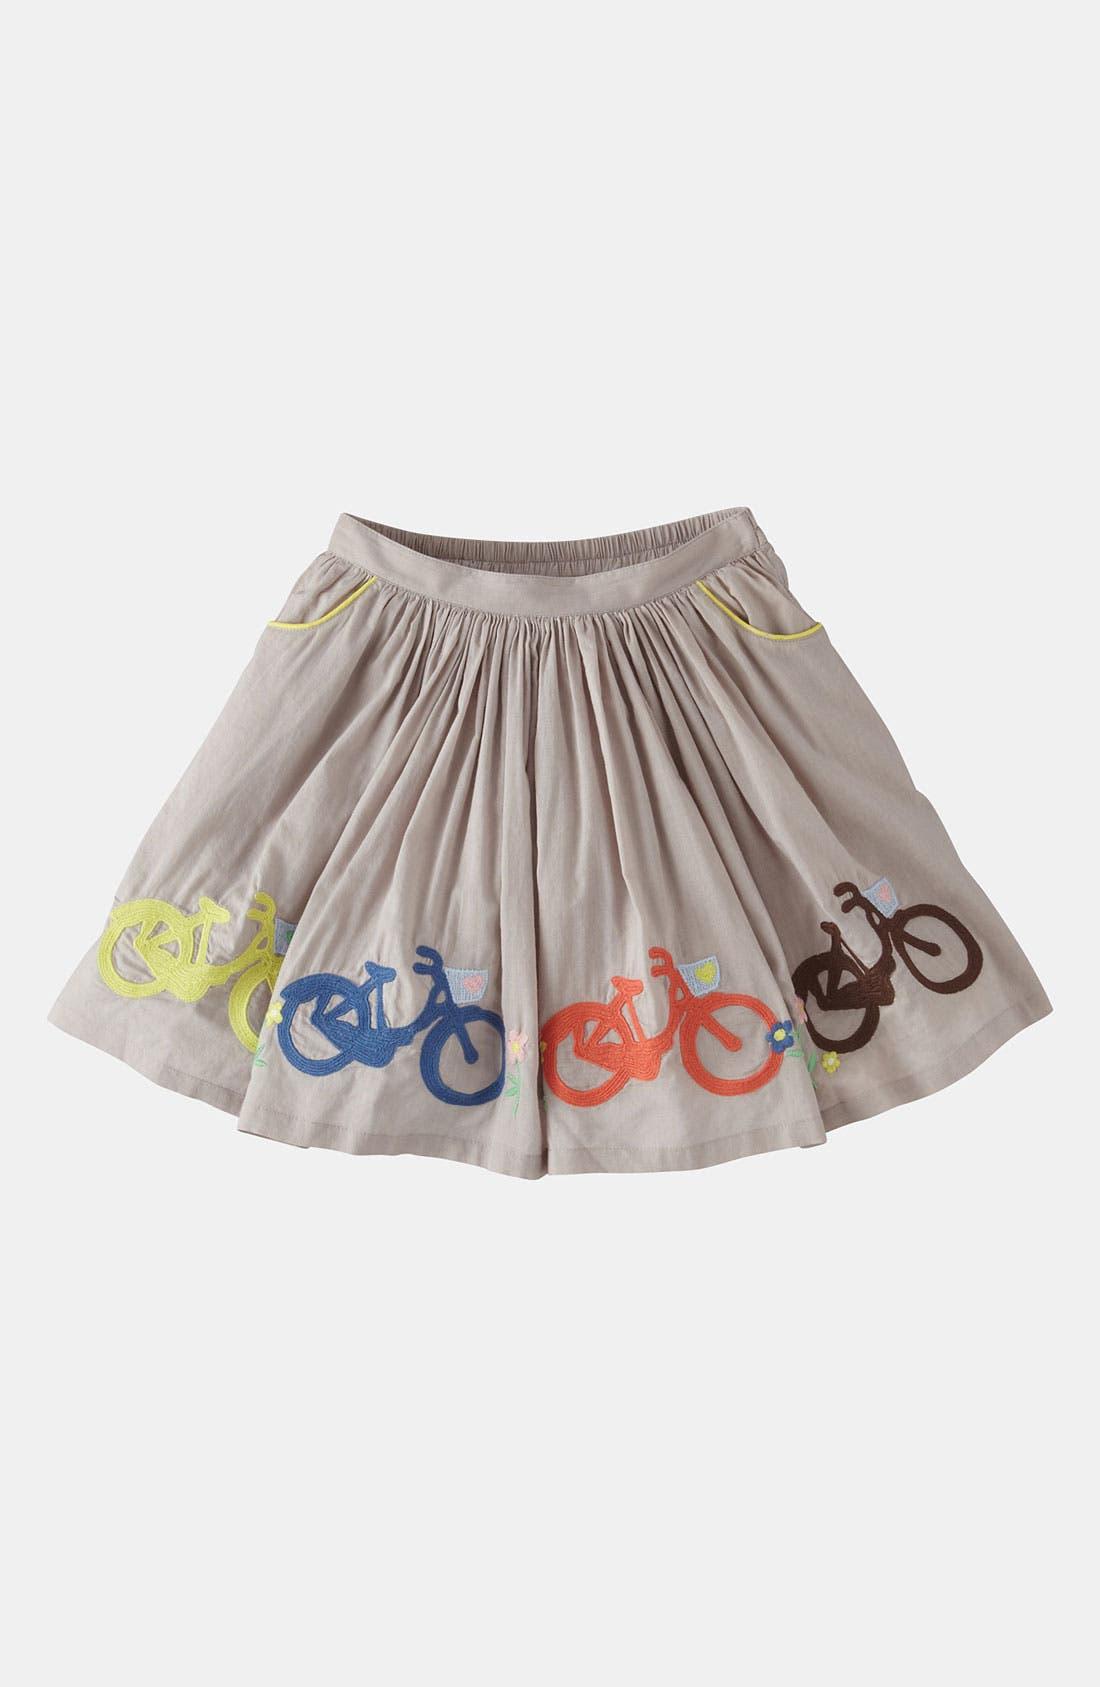 Alternate Image 1 Selected - Mini Boden Embroidered Skirt (Little Girls & Big Girls)